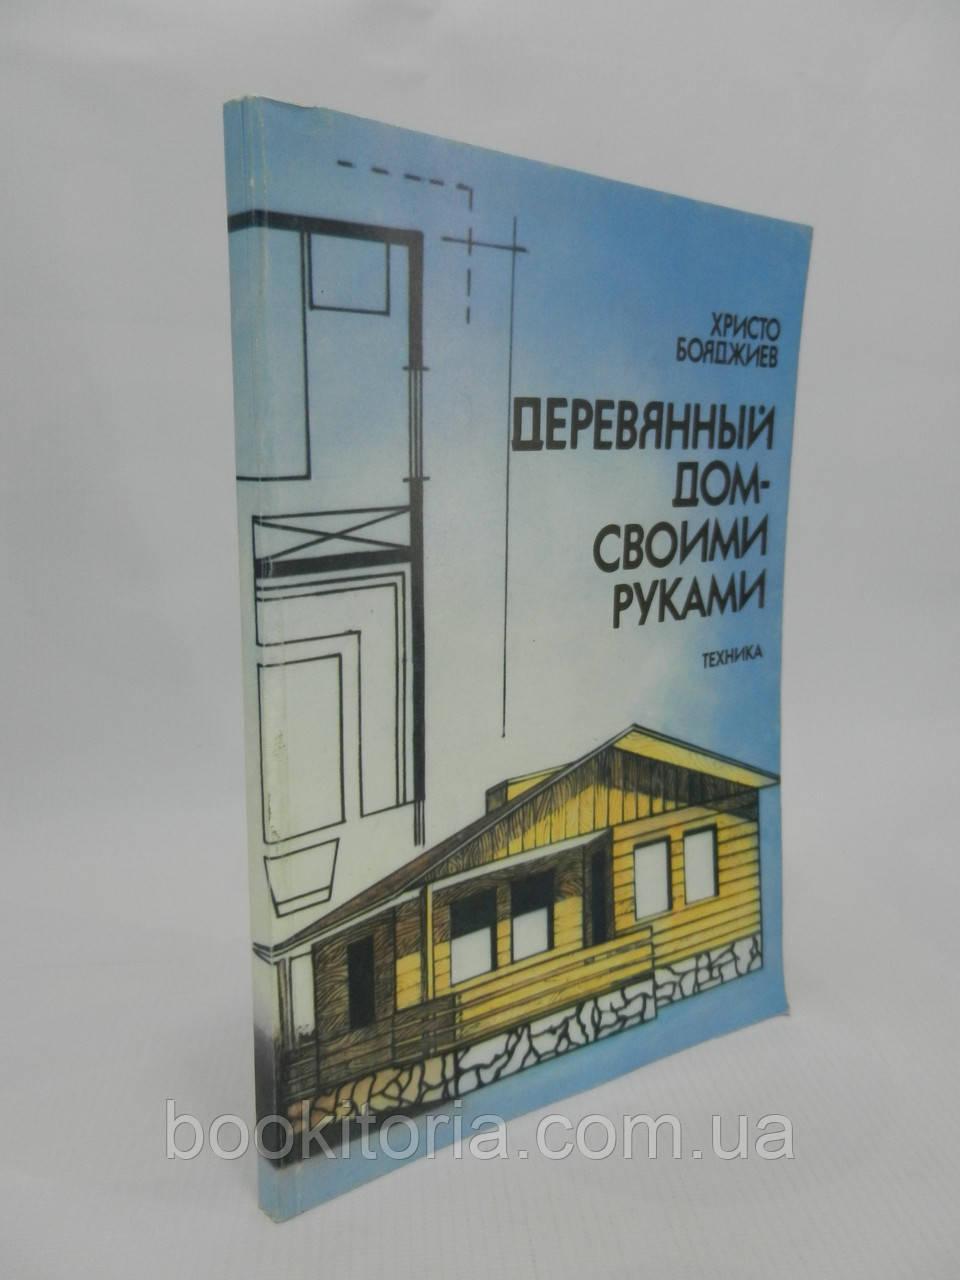 Бояджиев Х. Деревянный дом – своими руками (б/у).